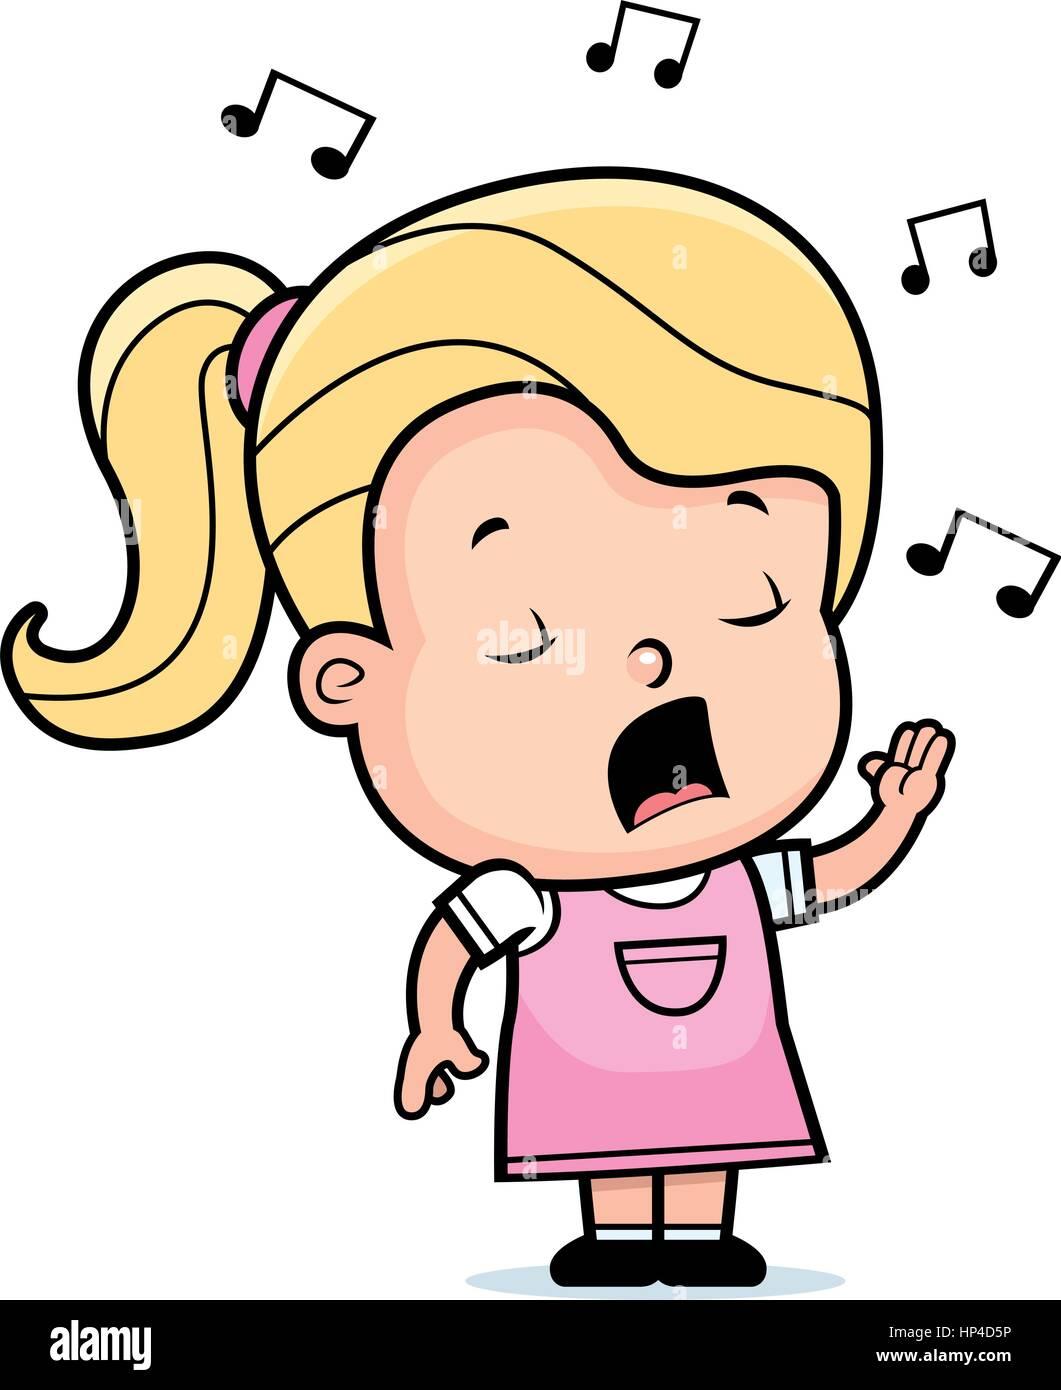 a86166a4de54b Un dessin animé bébé fille chantant une chanson Vecteurs Et ...